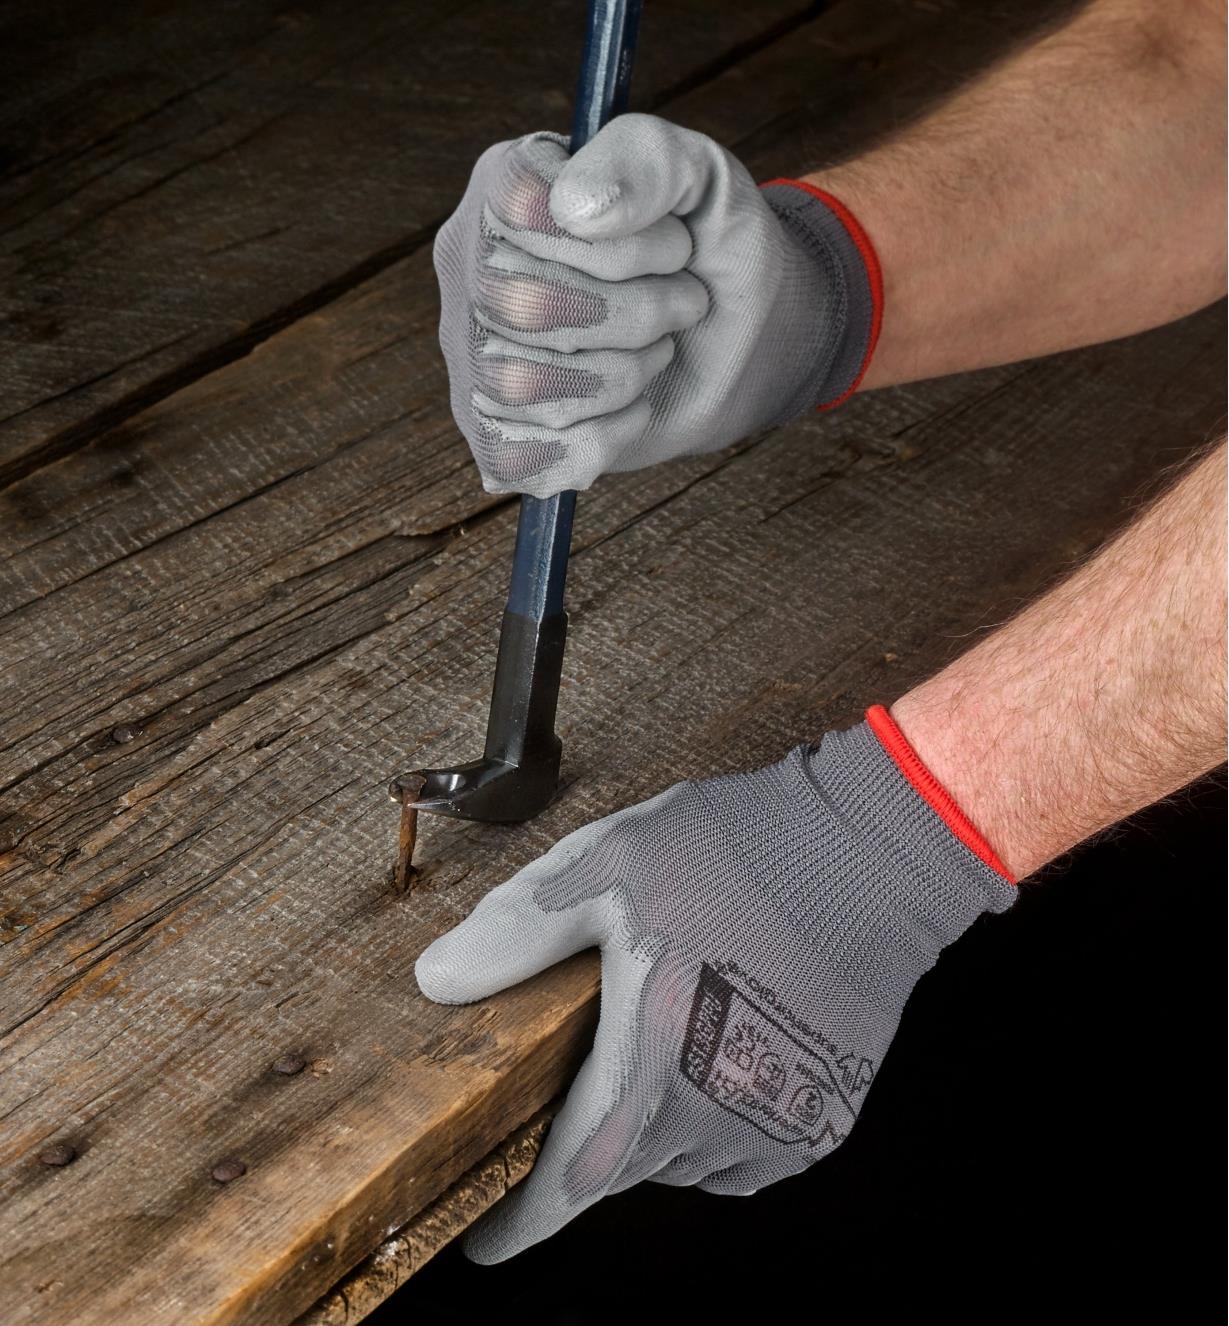 Personne portant des gants de travail légers pour retirer un clou d'une planche